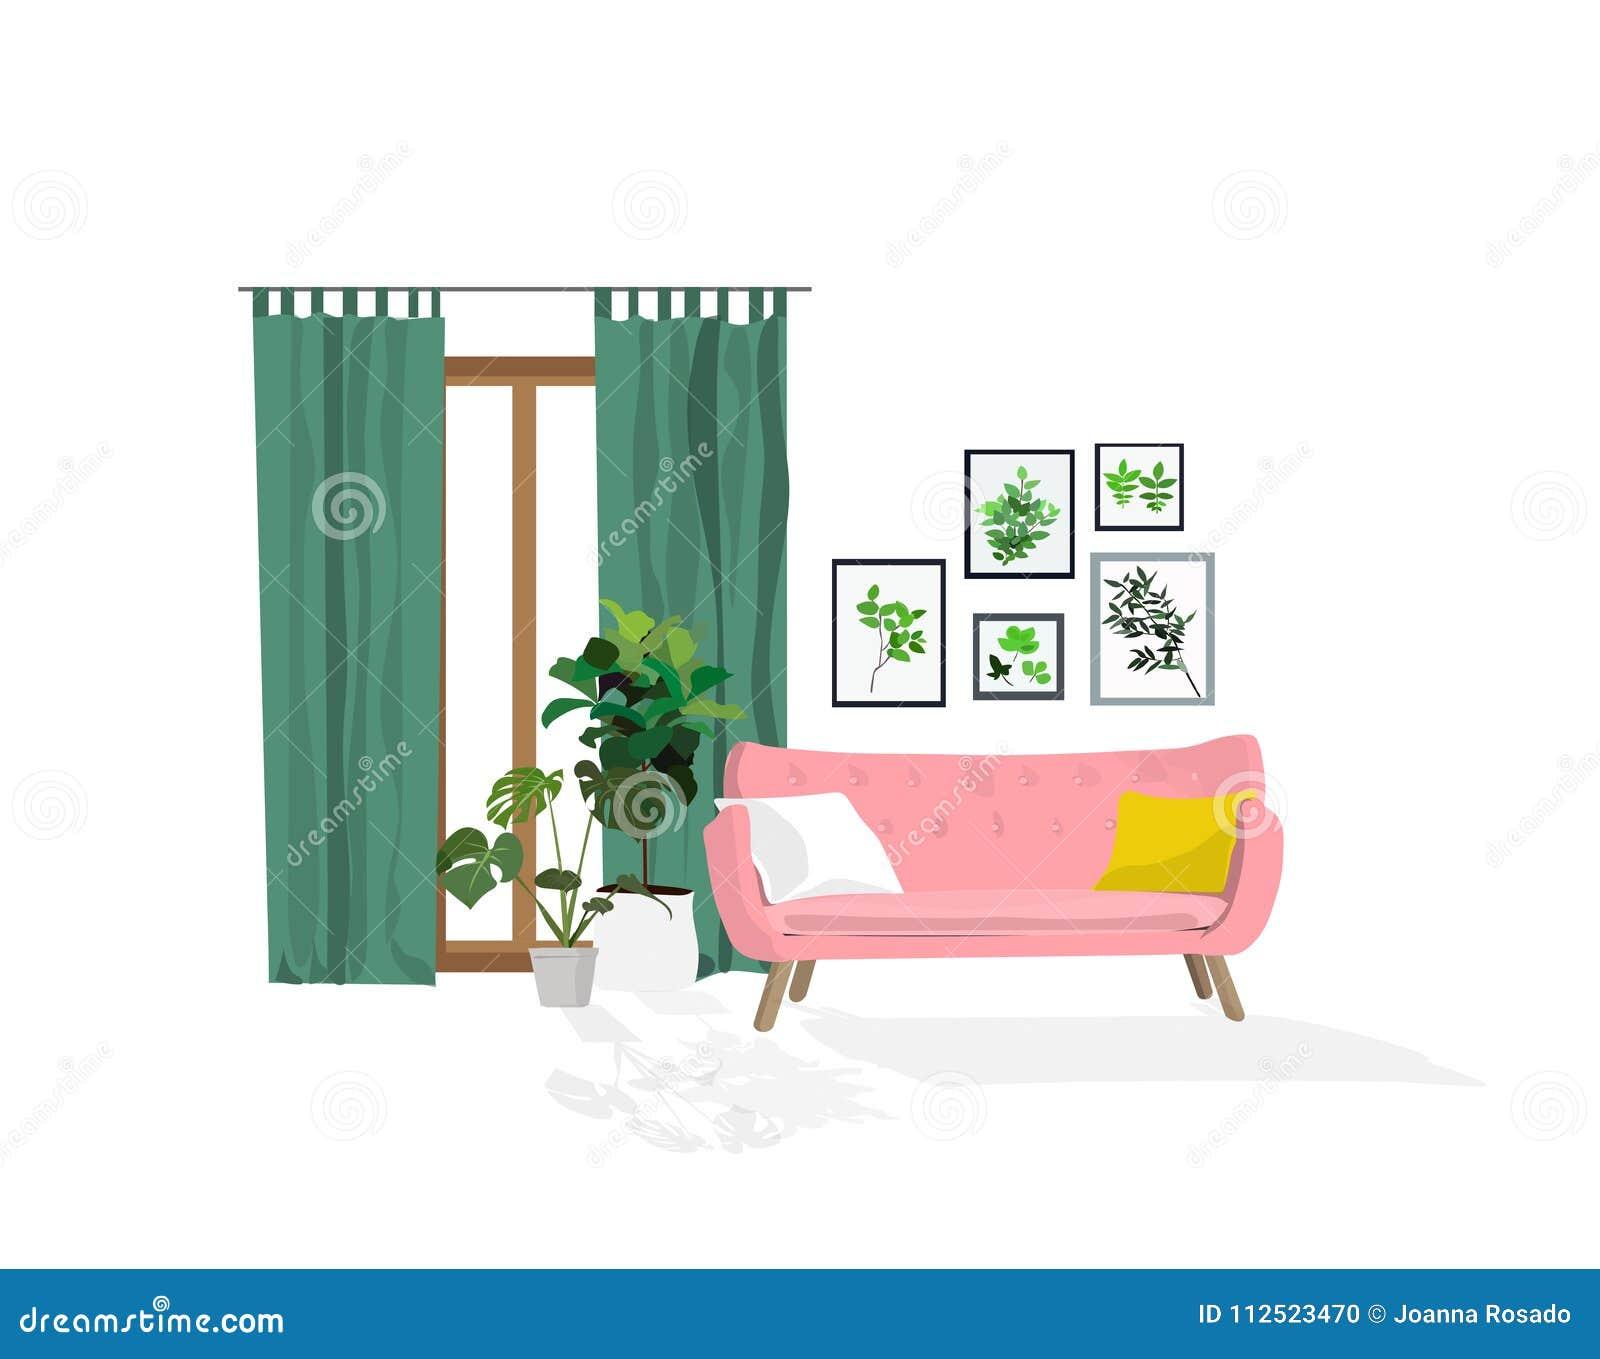 Illustration De Conception Interieure De Vecteur Decor